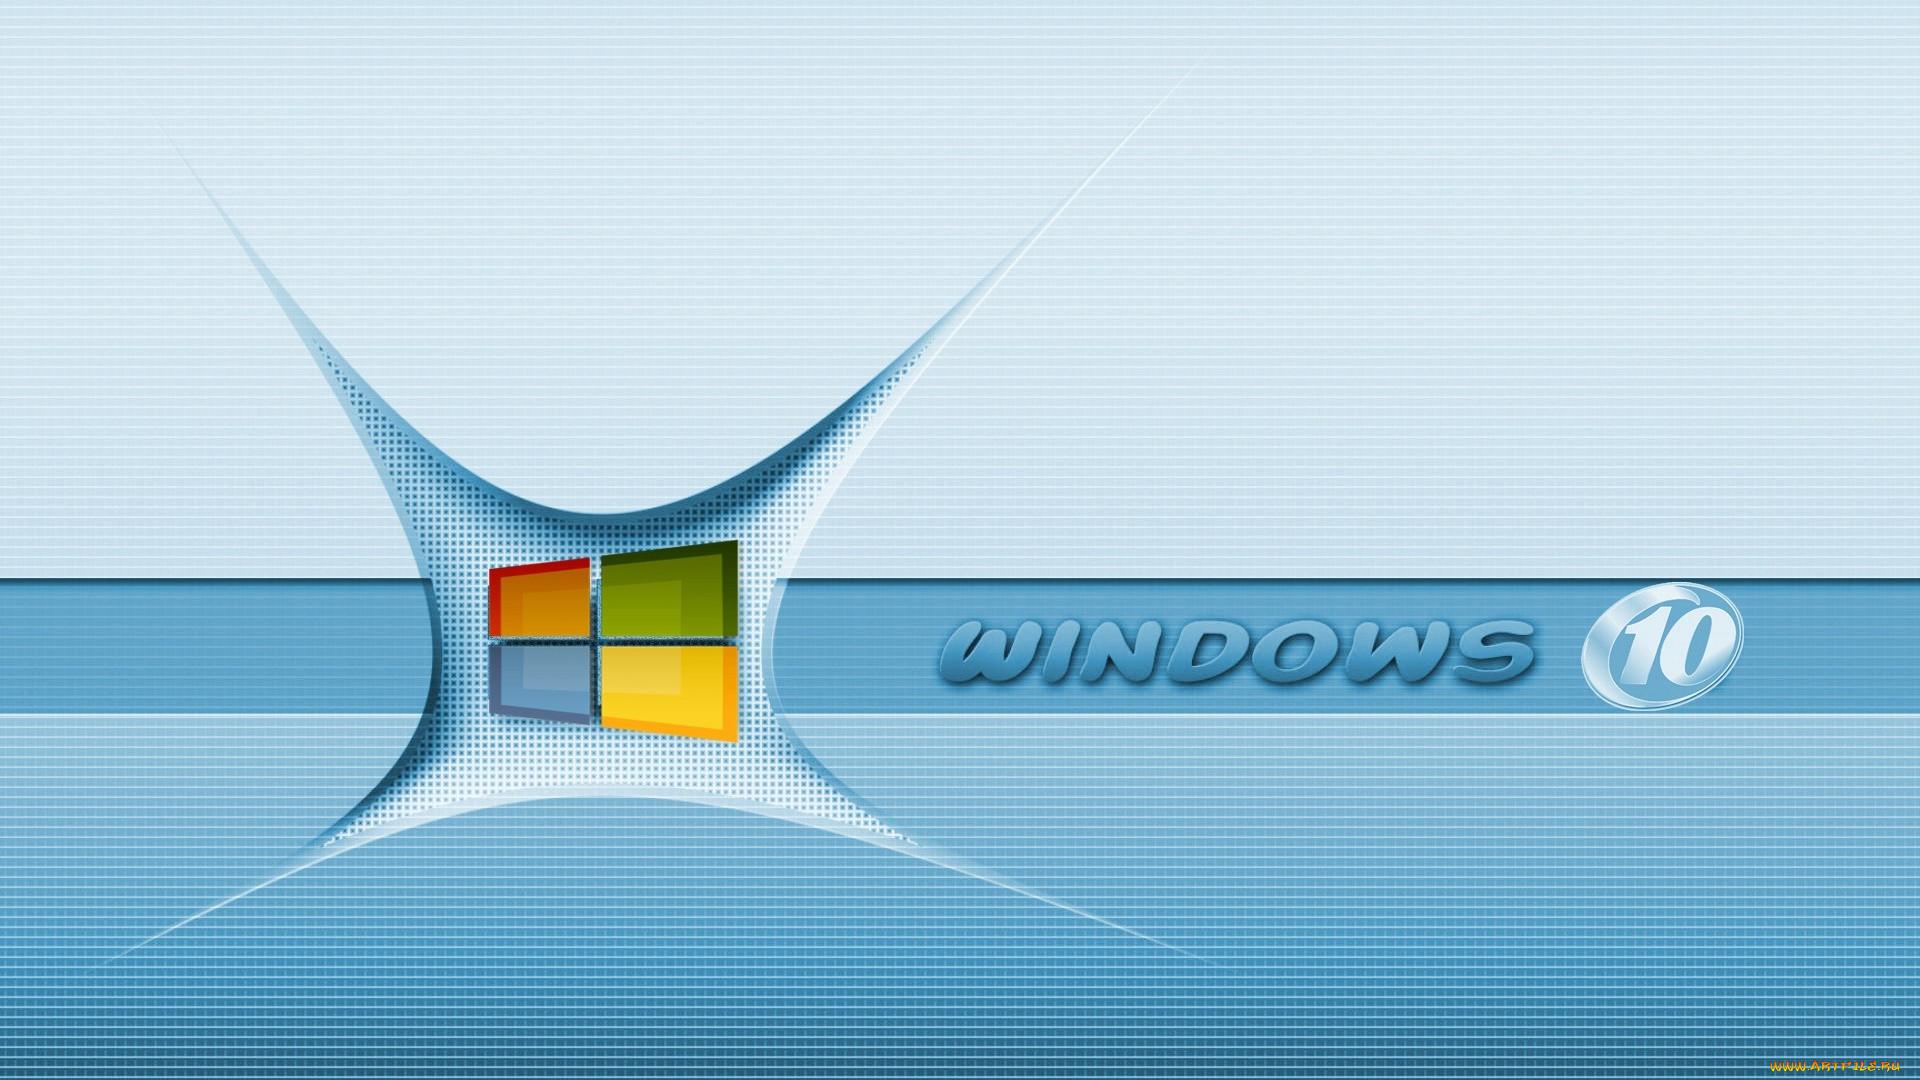 windows10, компьютеры, windows  10, wallpaper